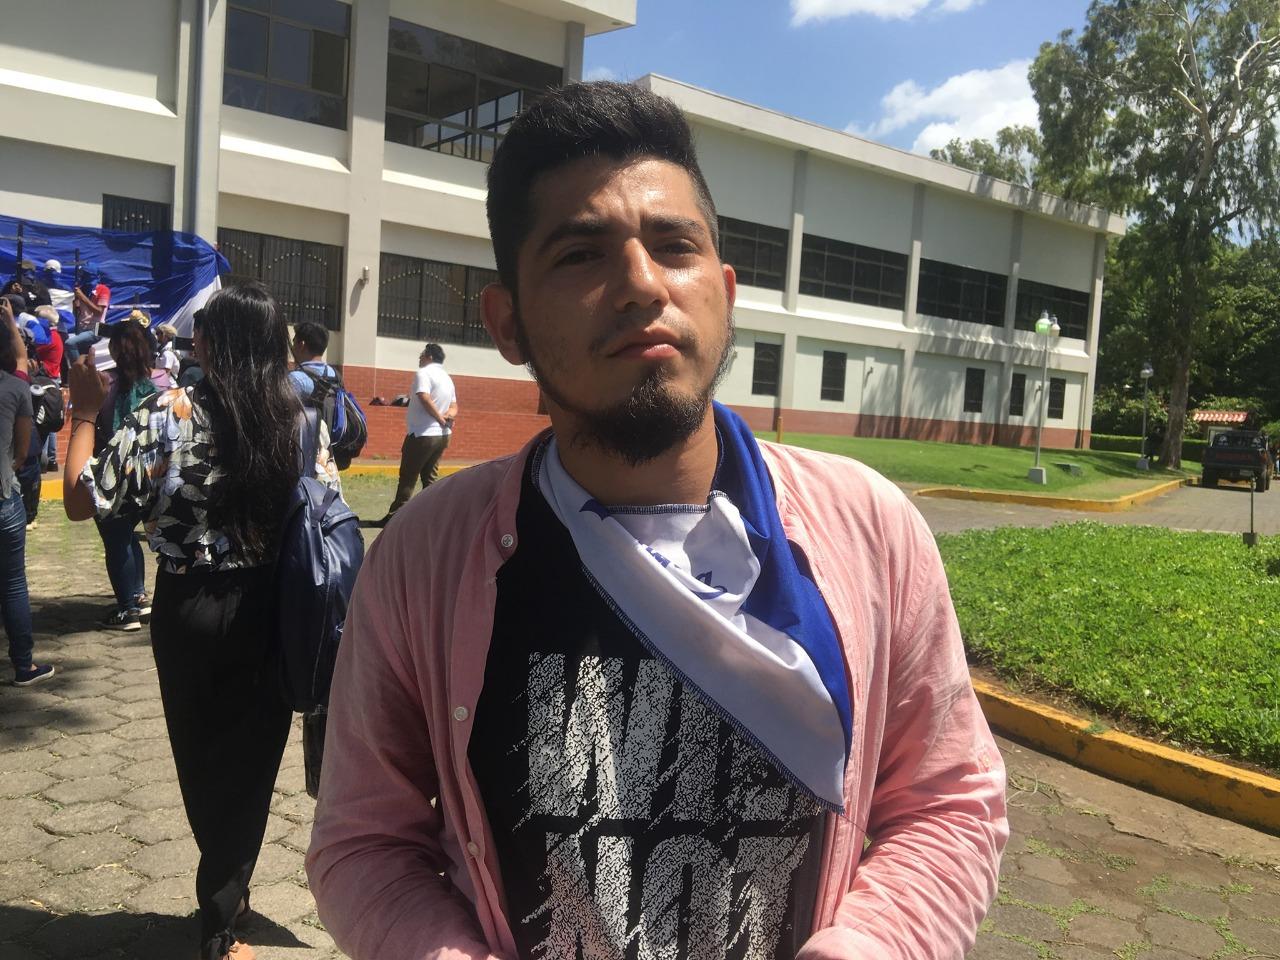 Civiles secuestran a excarcelado político Kevin Solis en el sector de la UCA. Foto: Cortesía